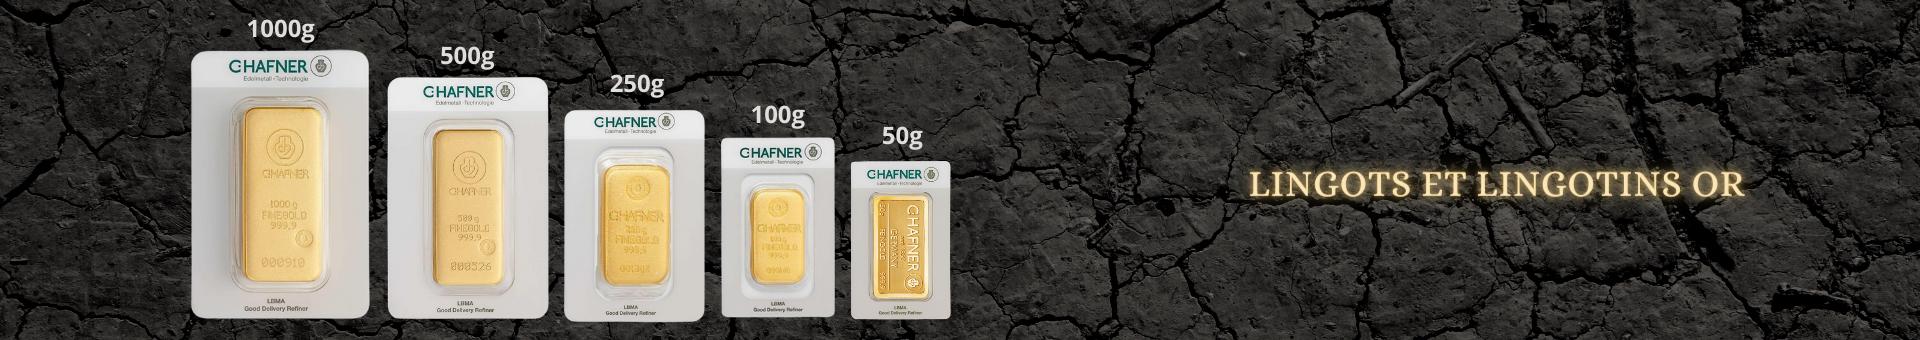 Achetez de l'or international et lingotins et onces avec Or & Change